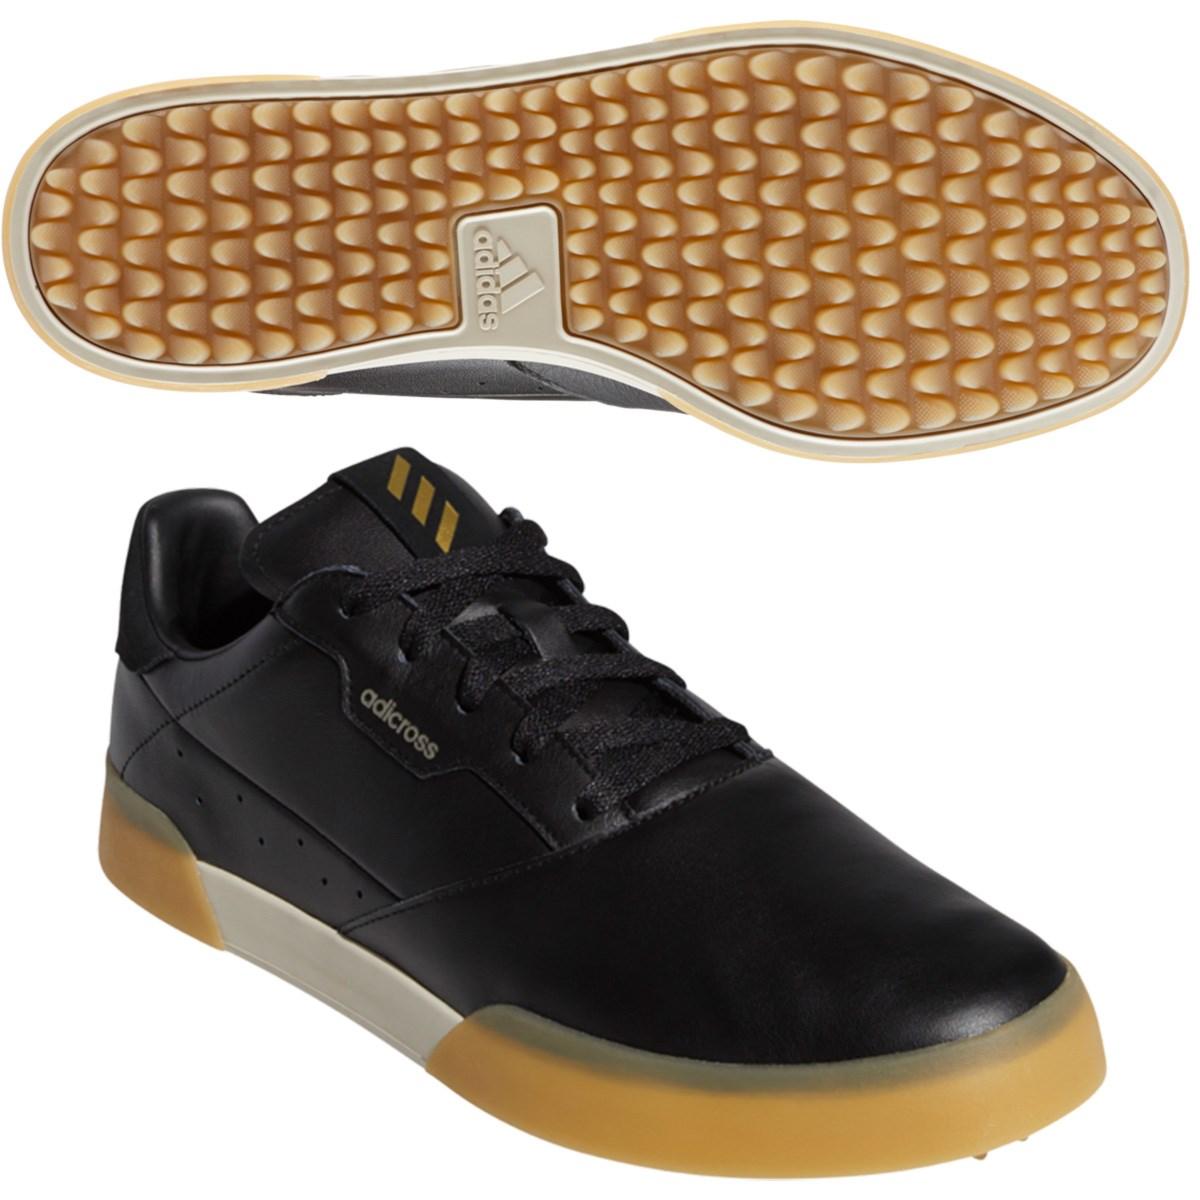 アディダス Adidas アディクロス レトロ シューズ 24.5cm コアブラック/ゴールドメタリック/クリアブラウン